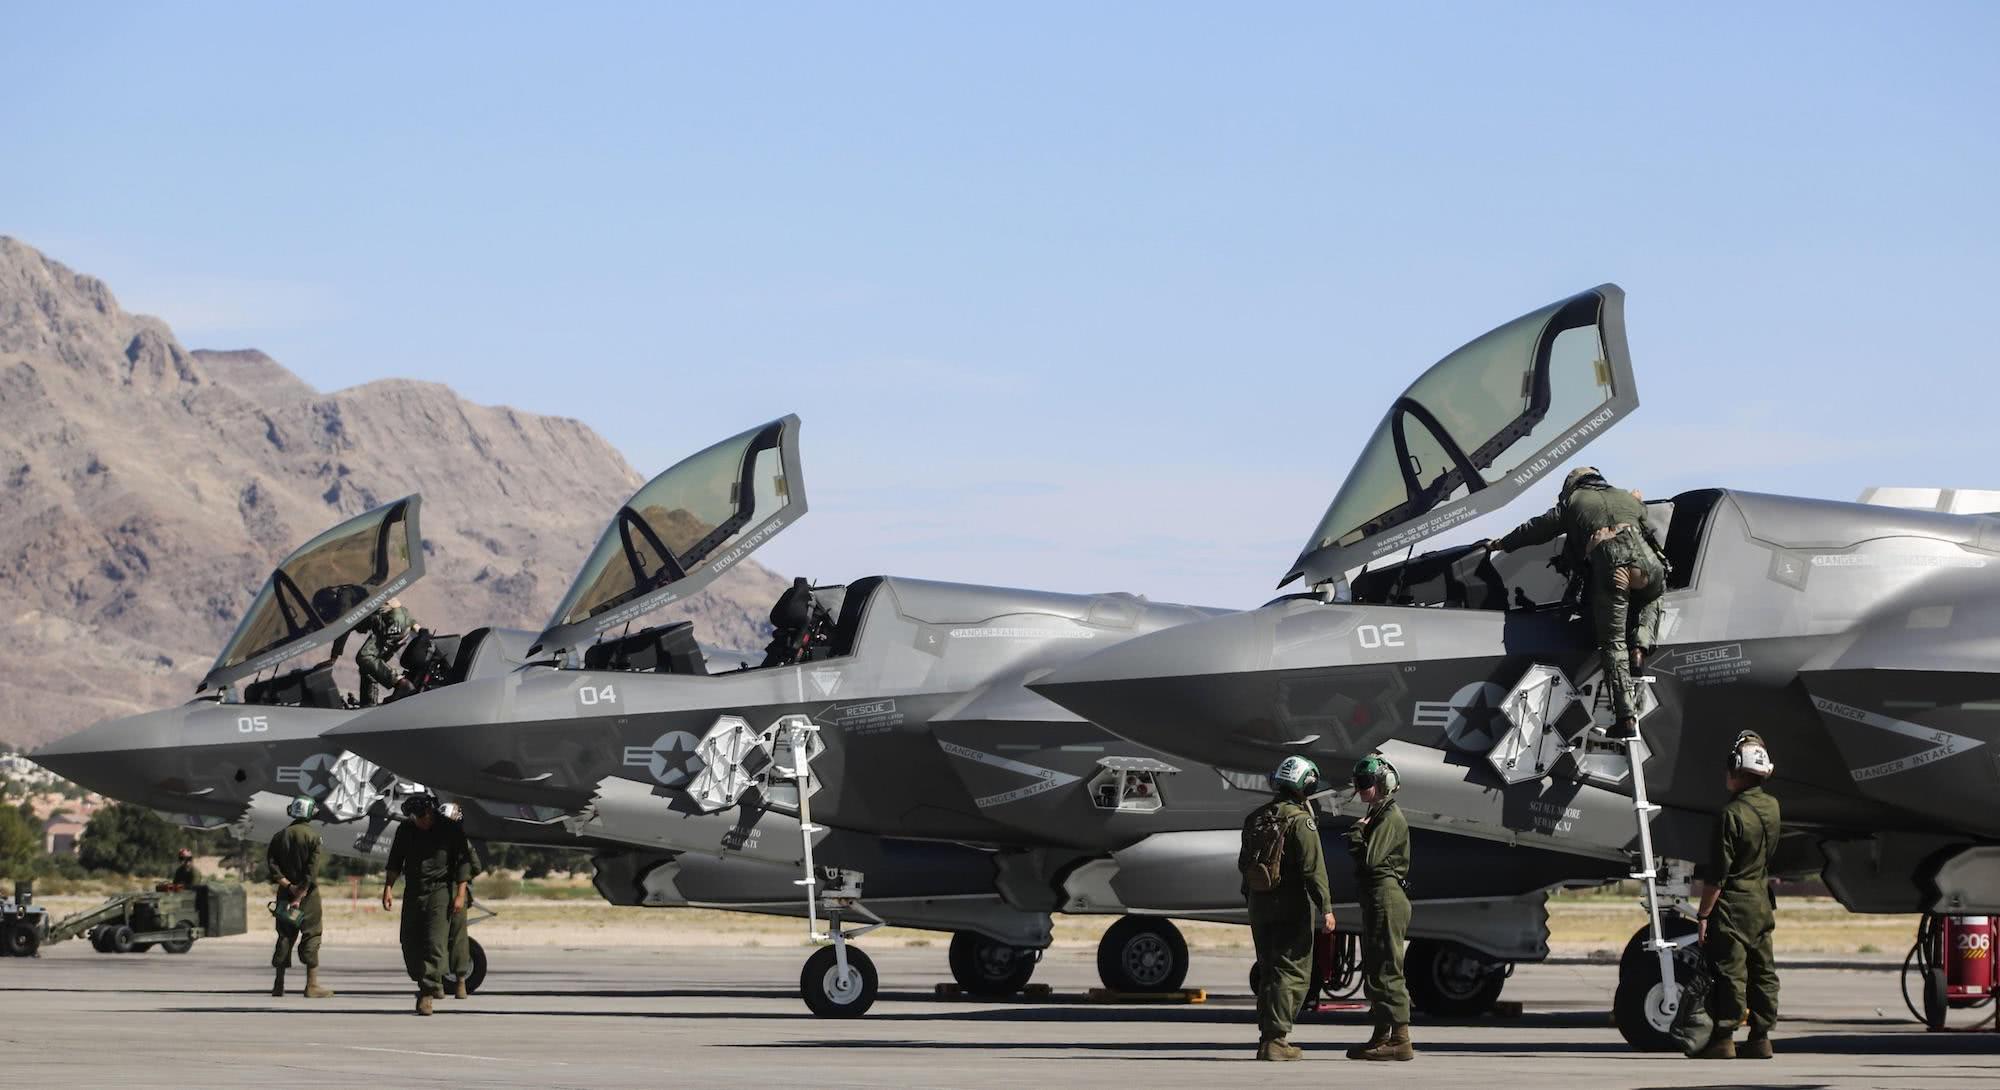 全部�:-f_美军史上最贵战机f-35全部停飞,造了200多架才发现竟漏油!